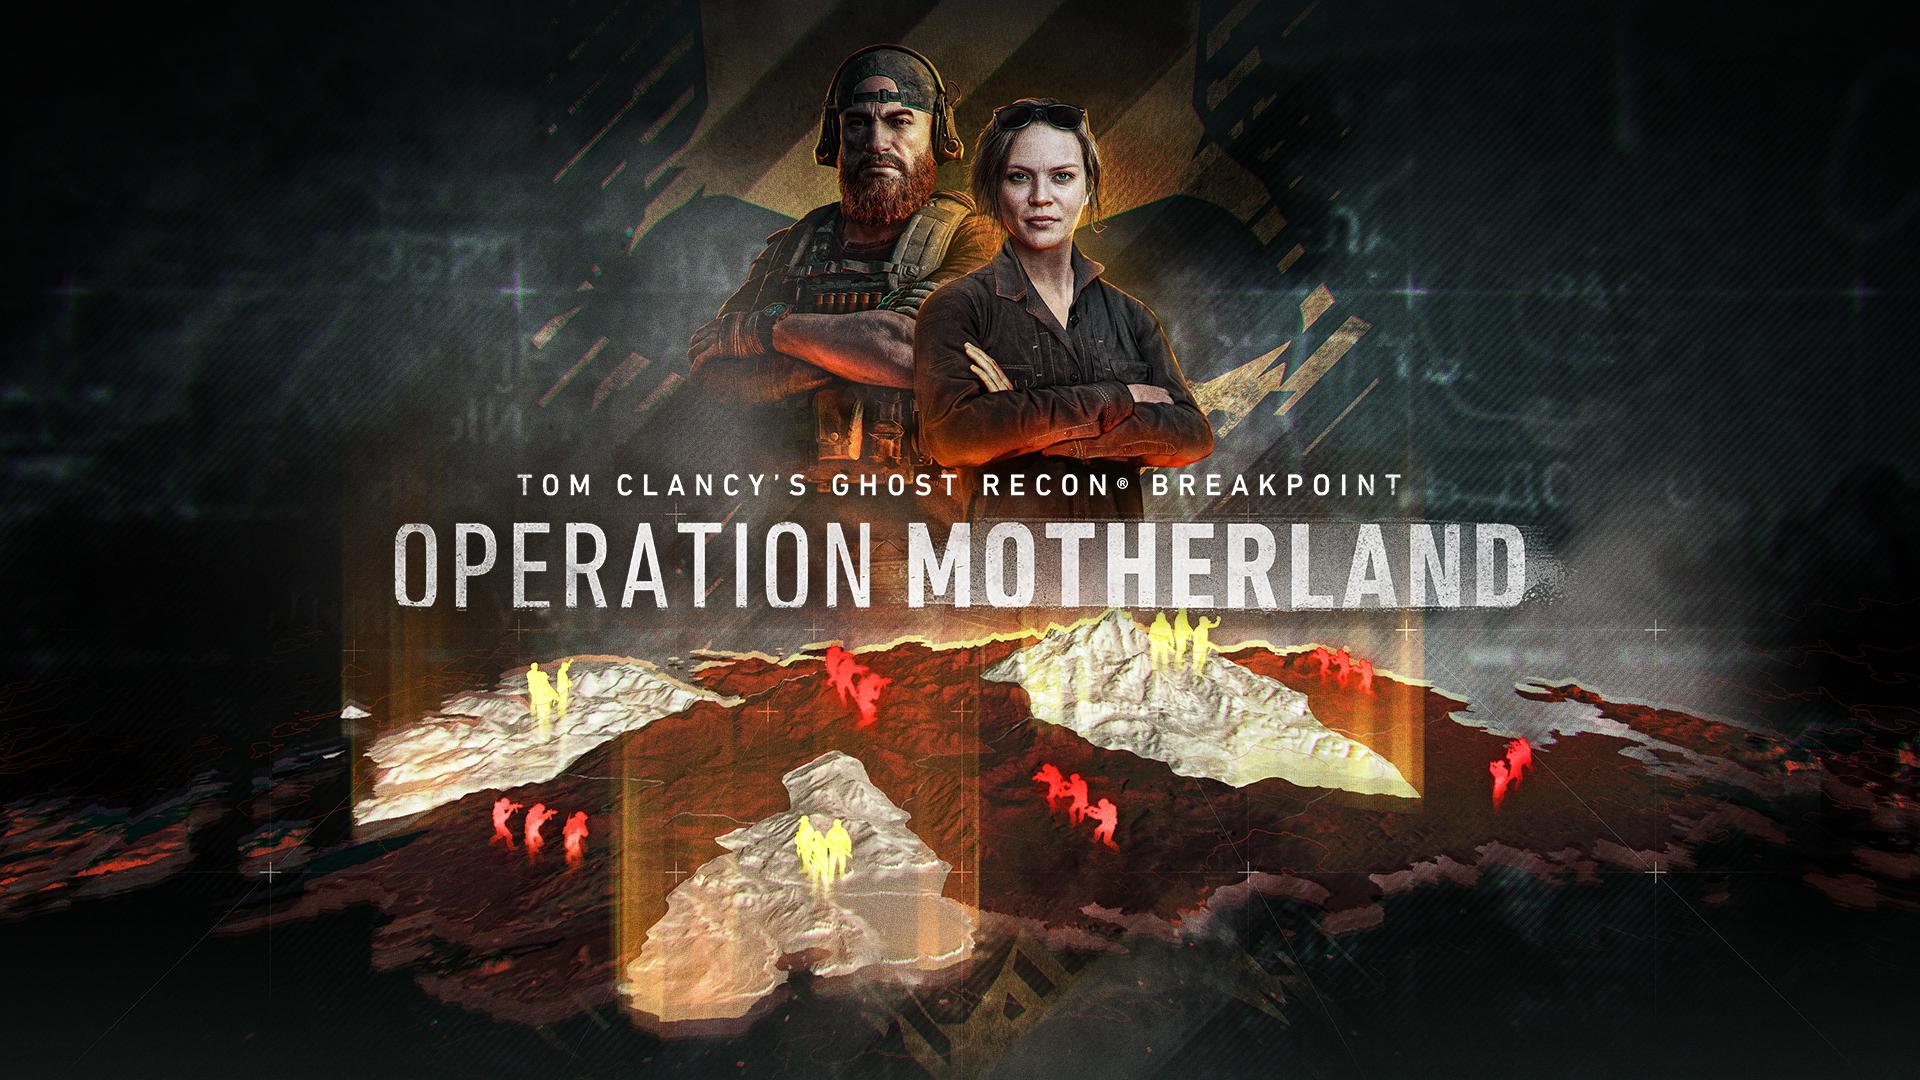 """เตรียมตัวให้พร้อมสำหรับปฏิบัติการ """"Operation Motherland"""" อัปเดตใหม่ล่าสุดของ Ghost Recon Breakpoint ในวันที่ 2 พฤศจิกายนนี้"""